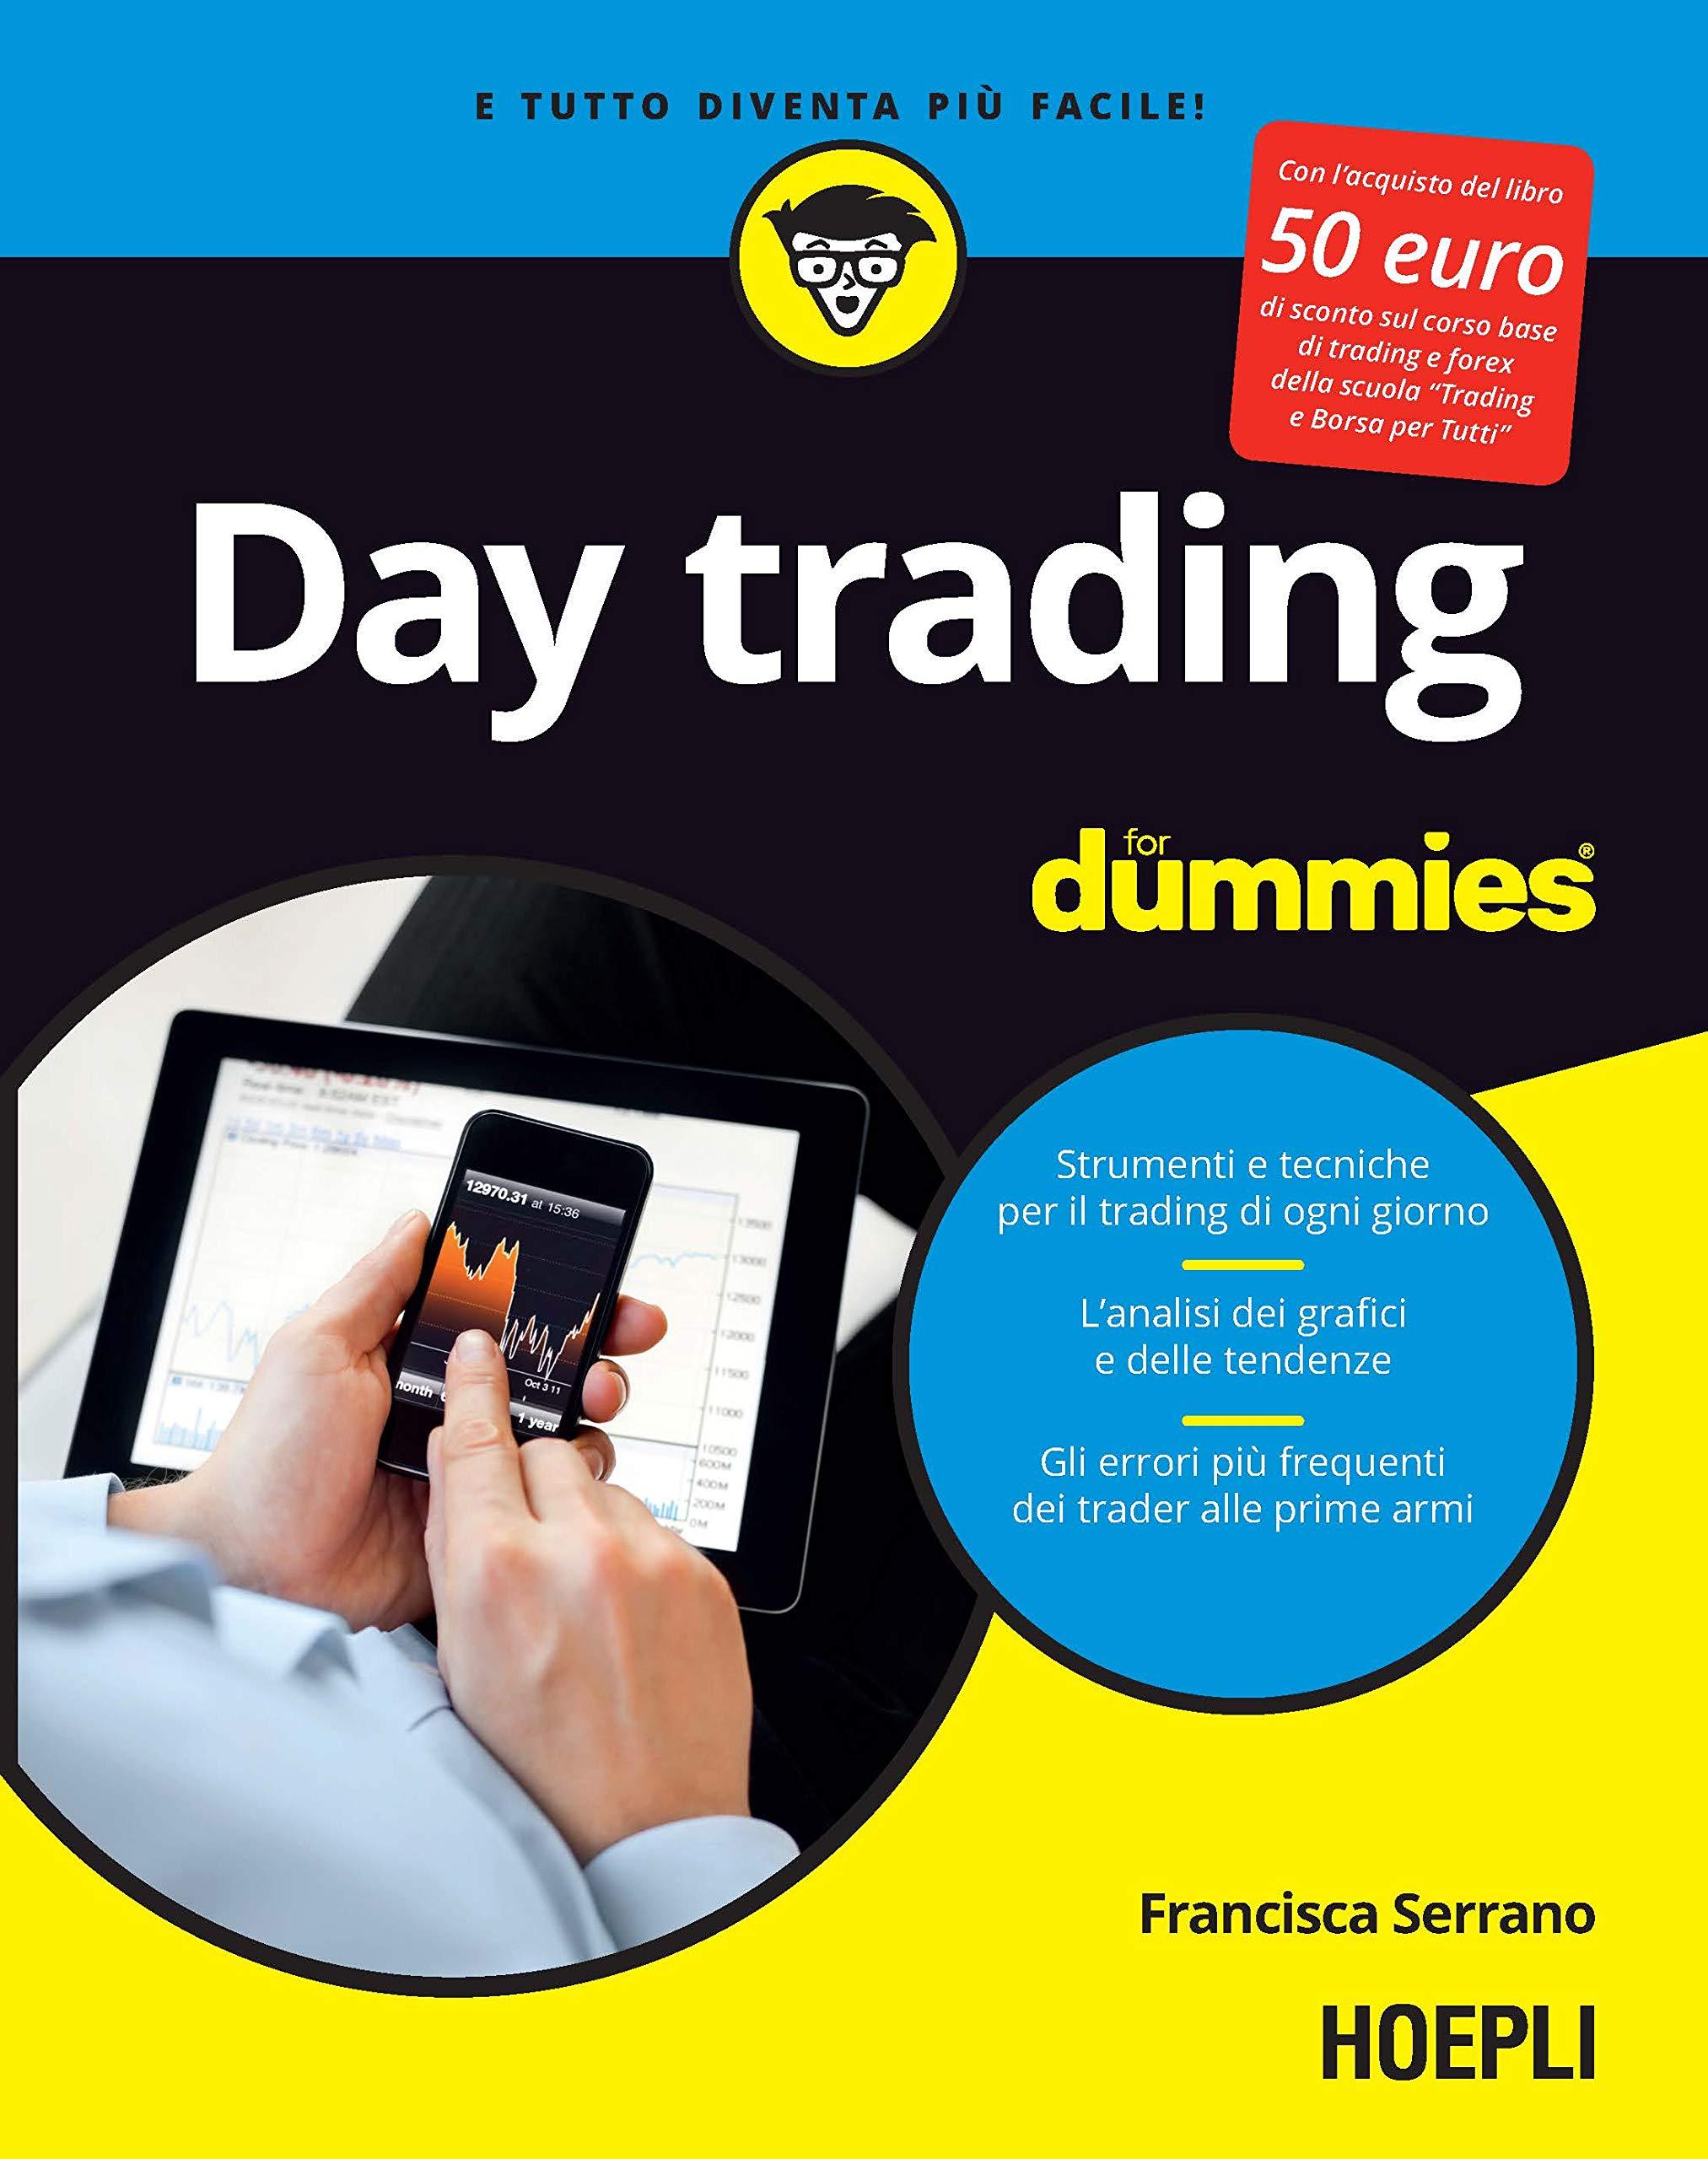 corso day trading